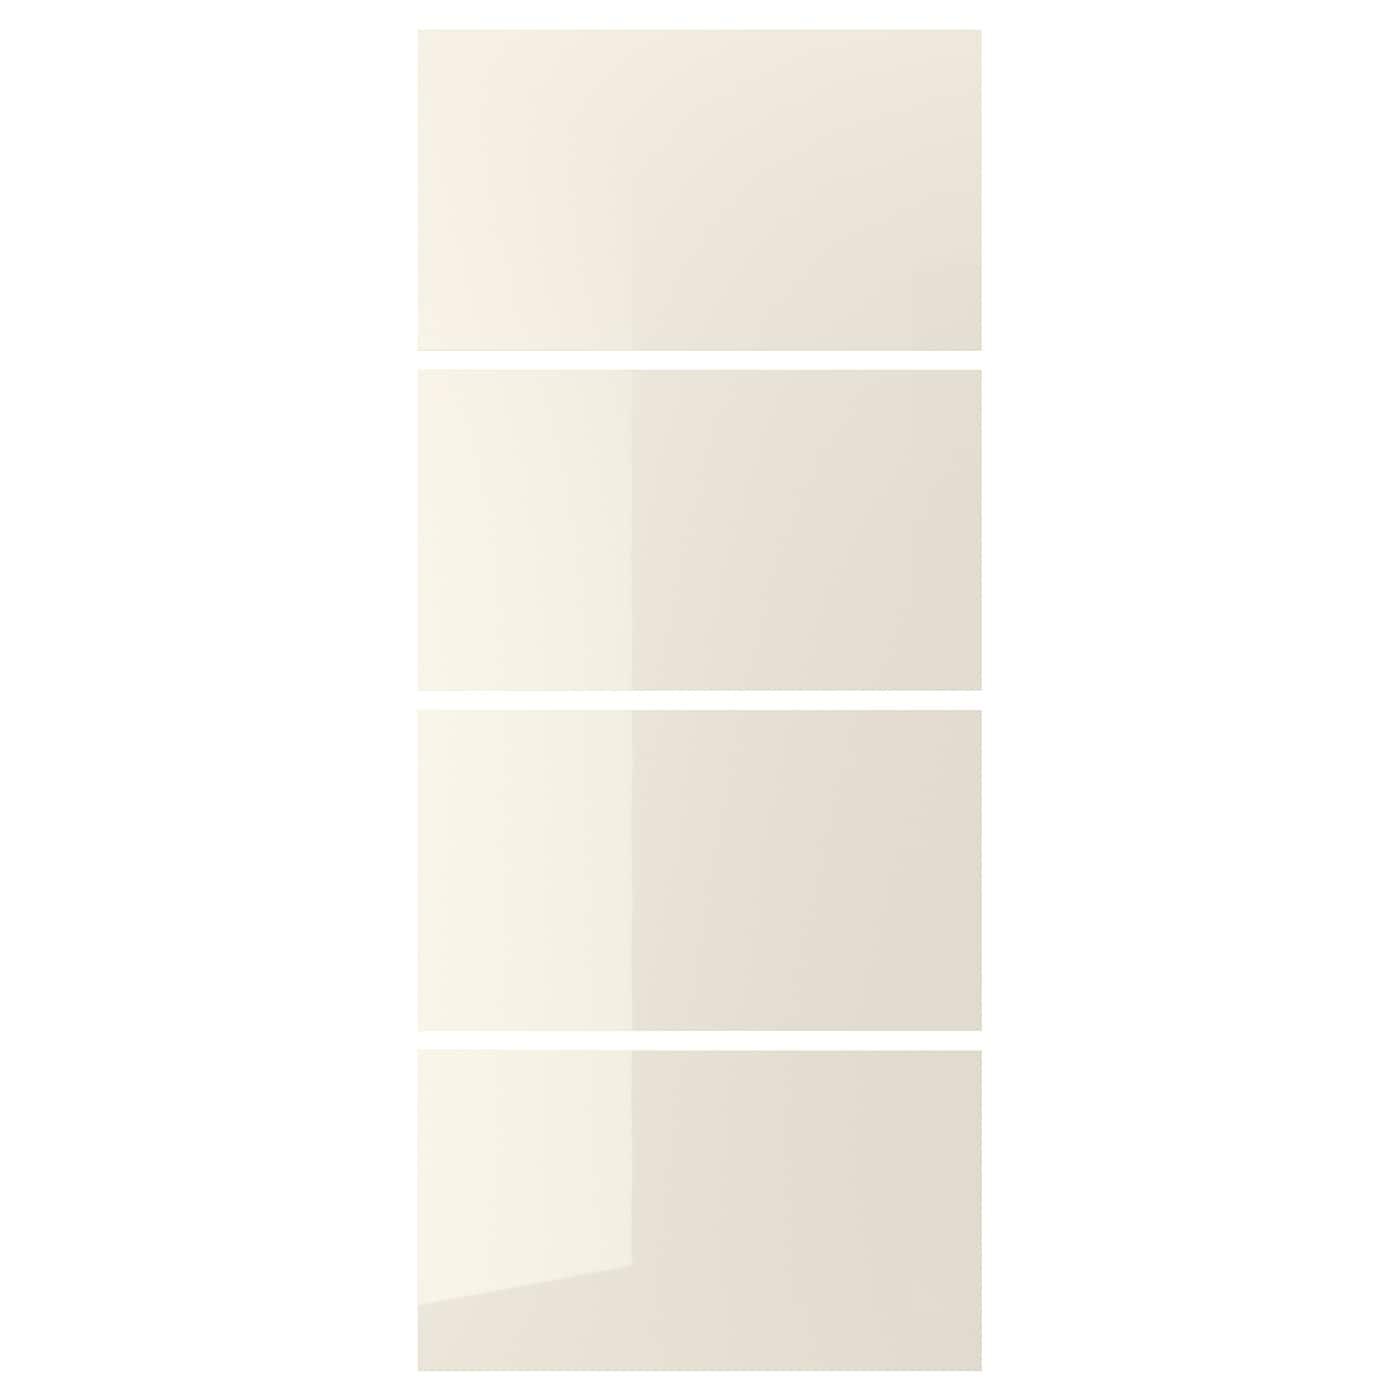 Hokksund 4 Panels For Sliding Door Frame High Gloss Light Beige